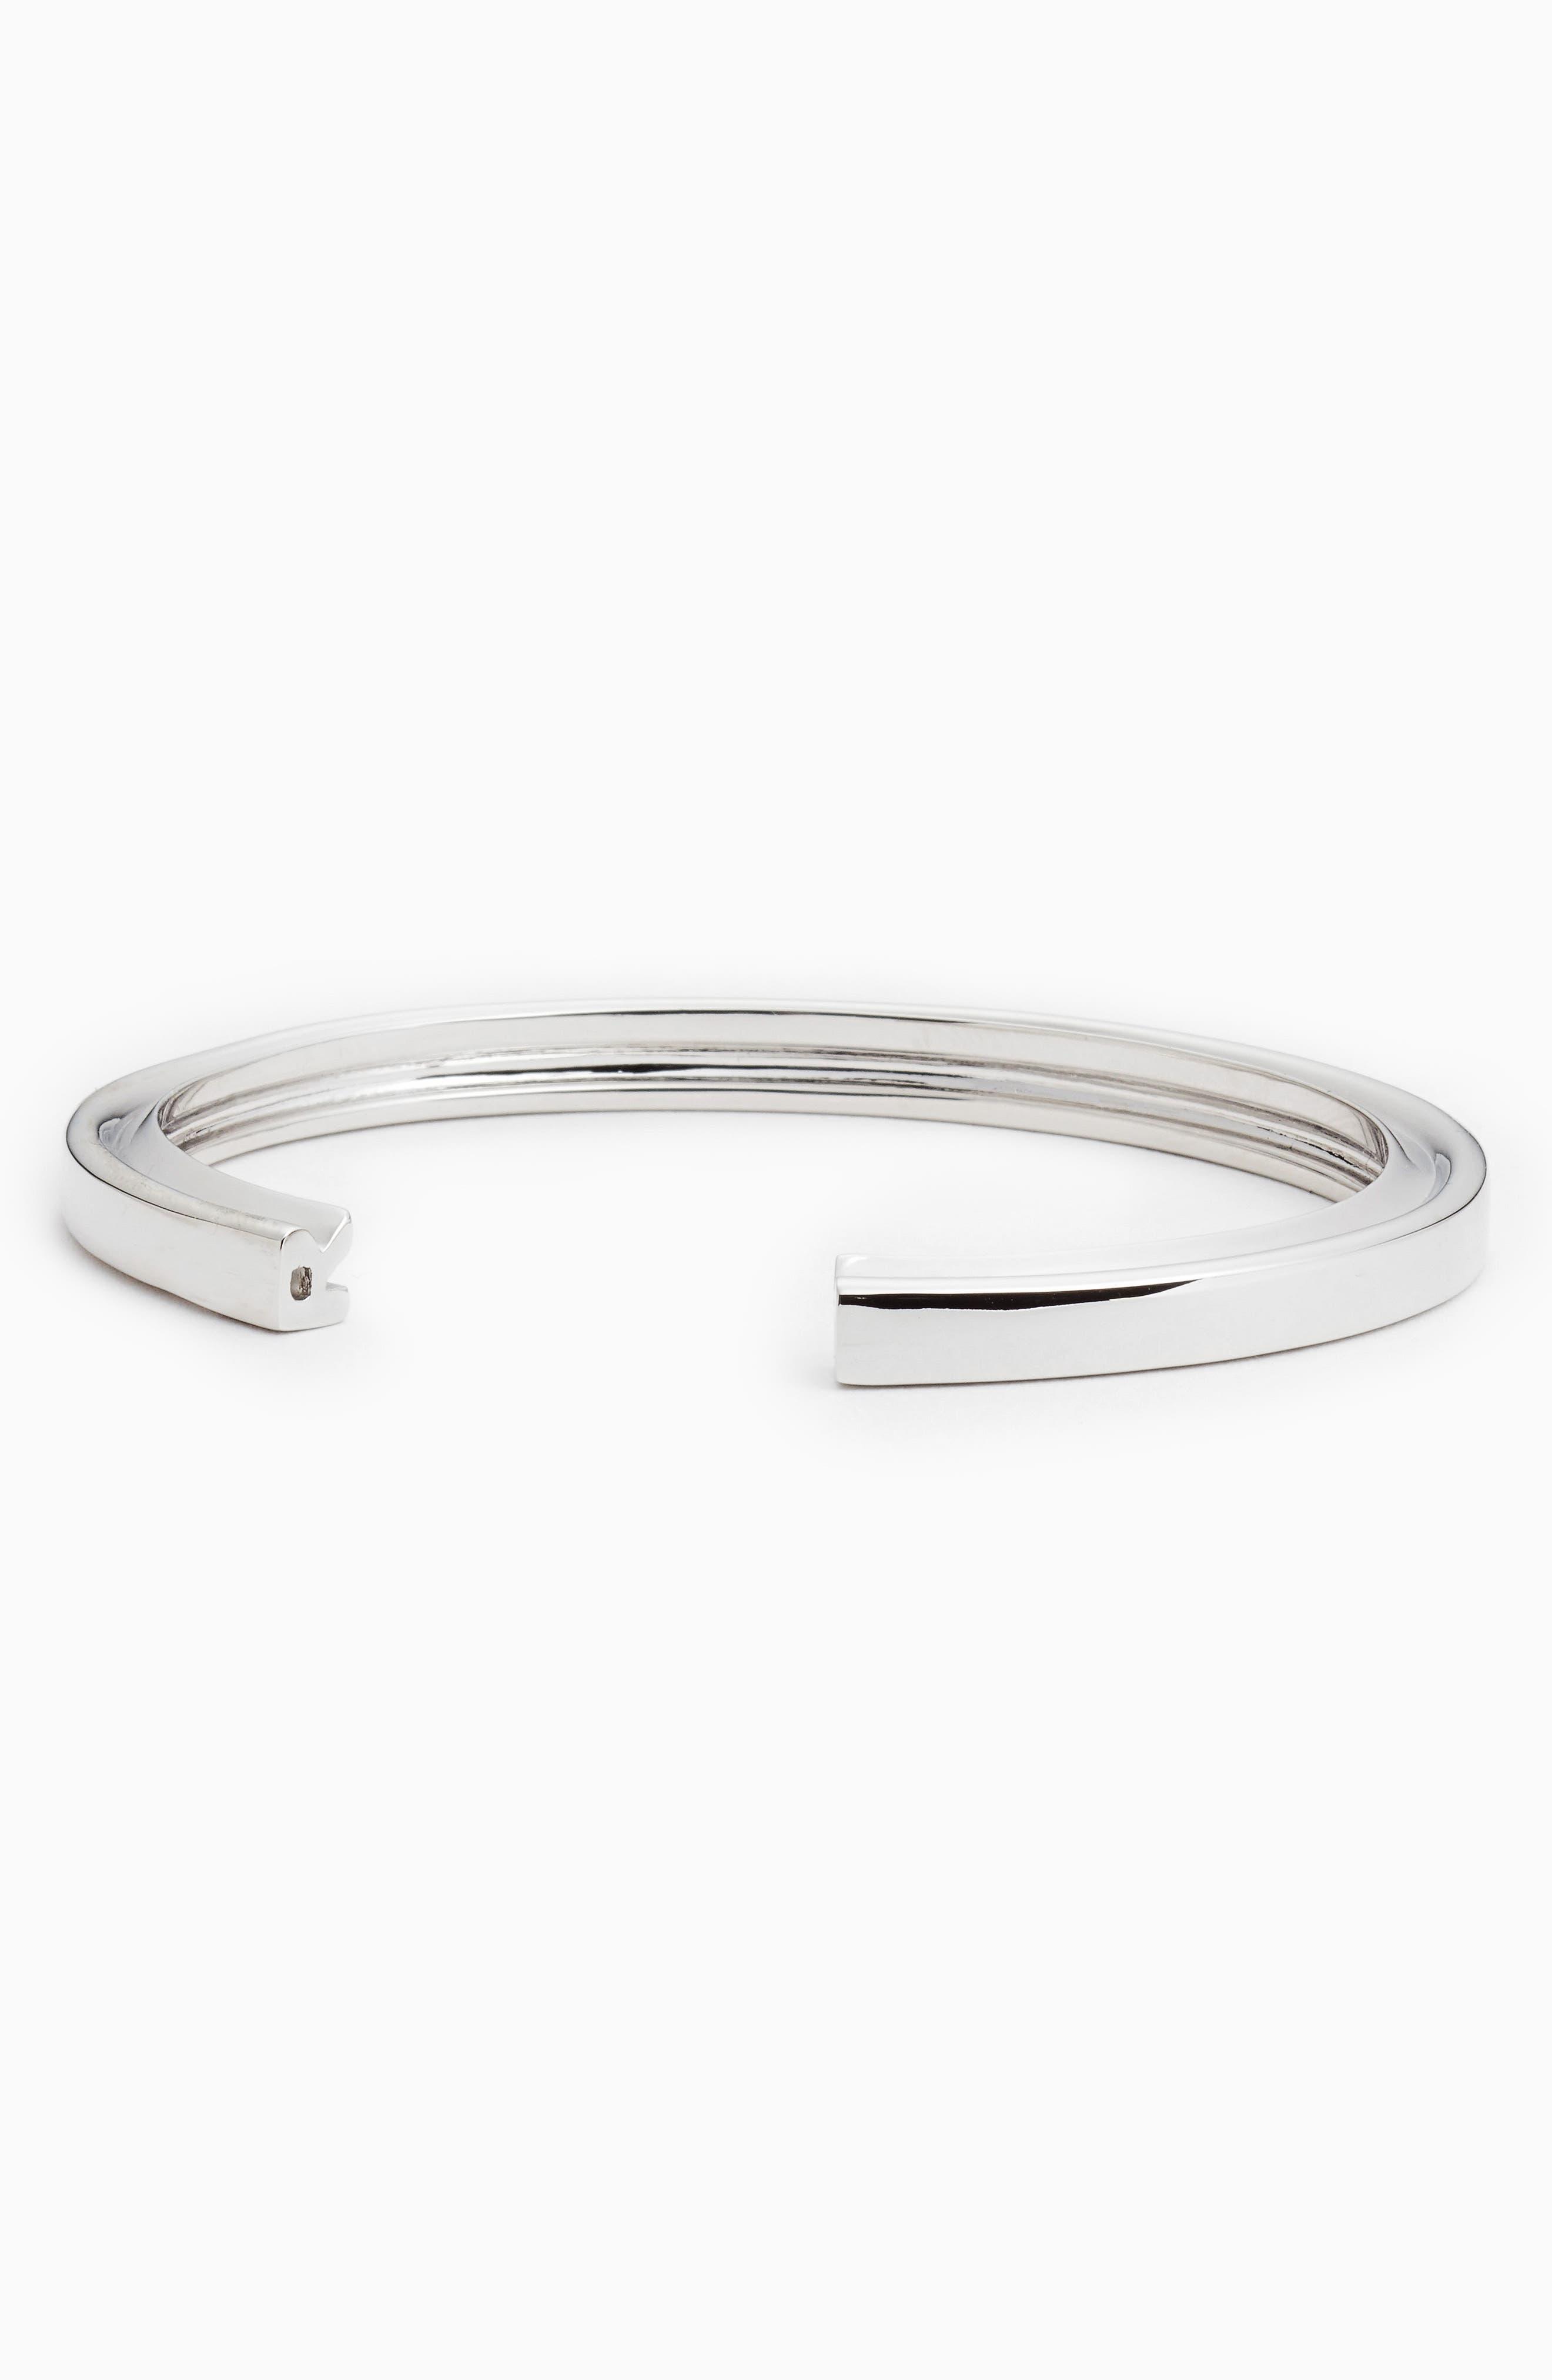 Stella Valle Wrist Cuff